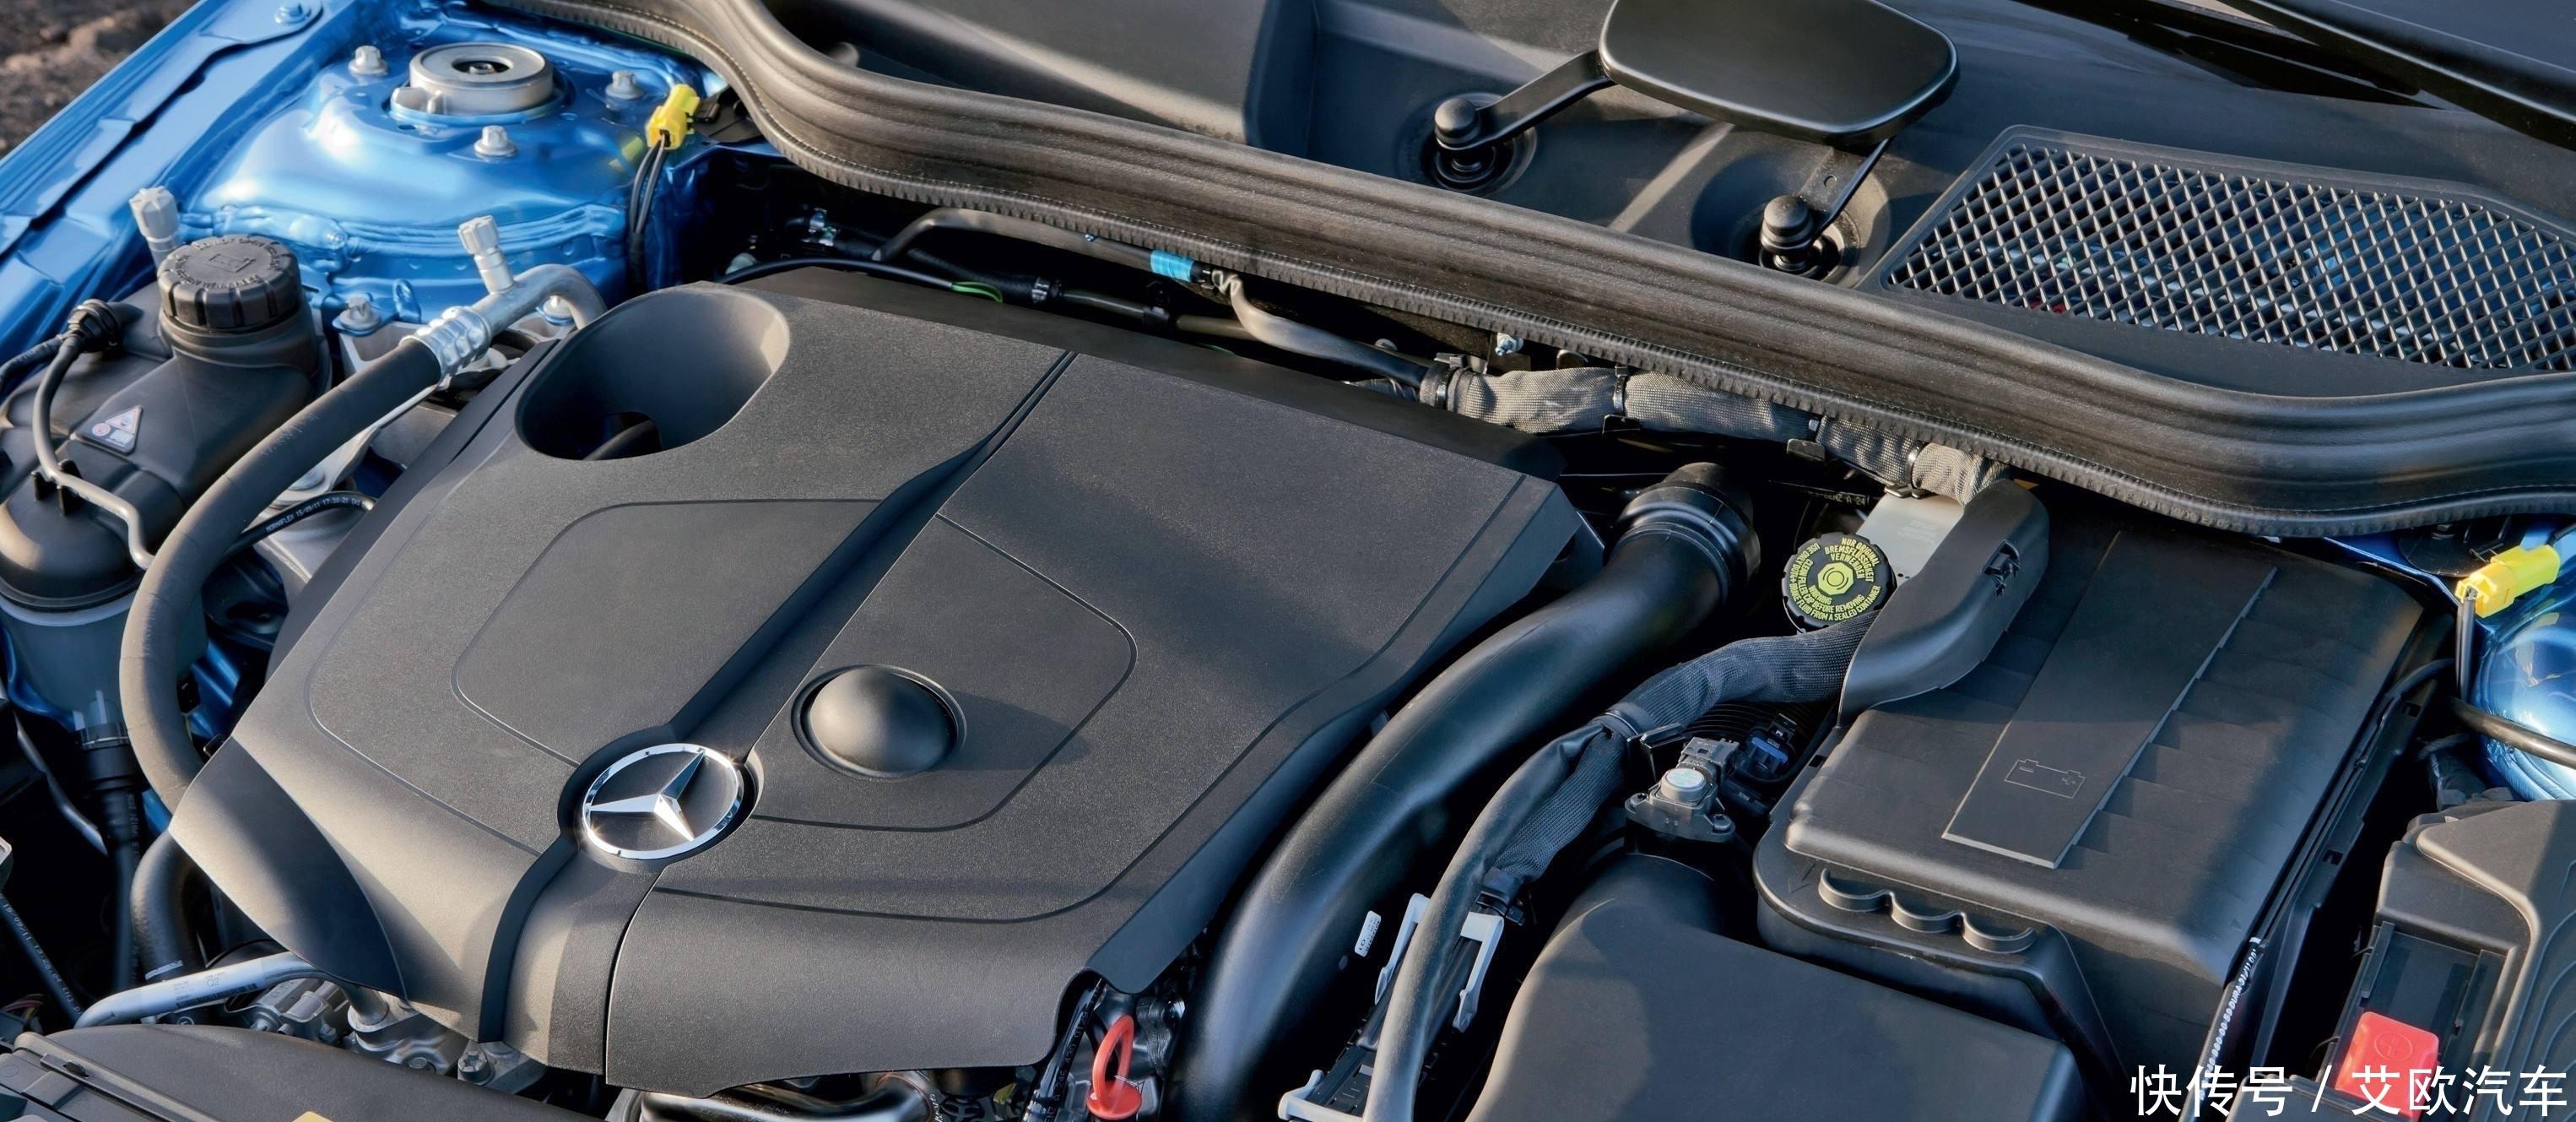 <b>如何区分汽车发动机好坏?汽修工:跑120码,高于这个数坚决不买</b>